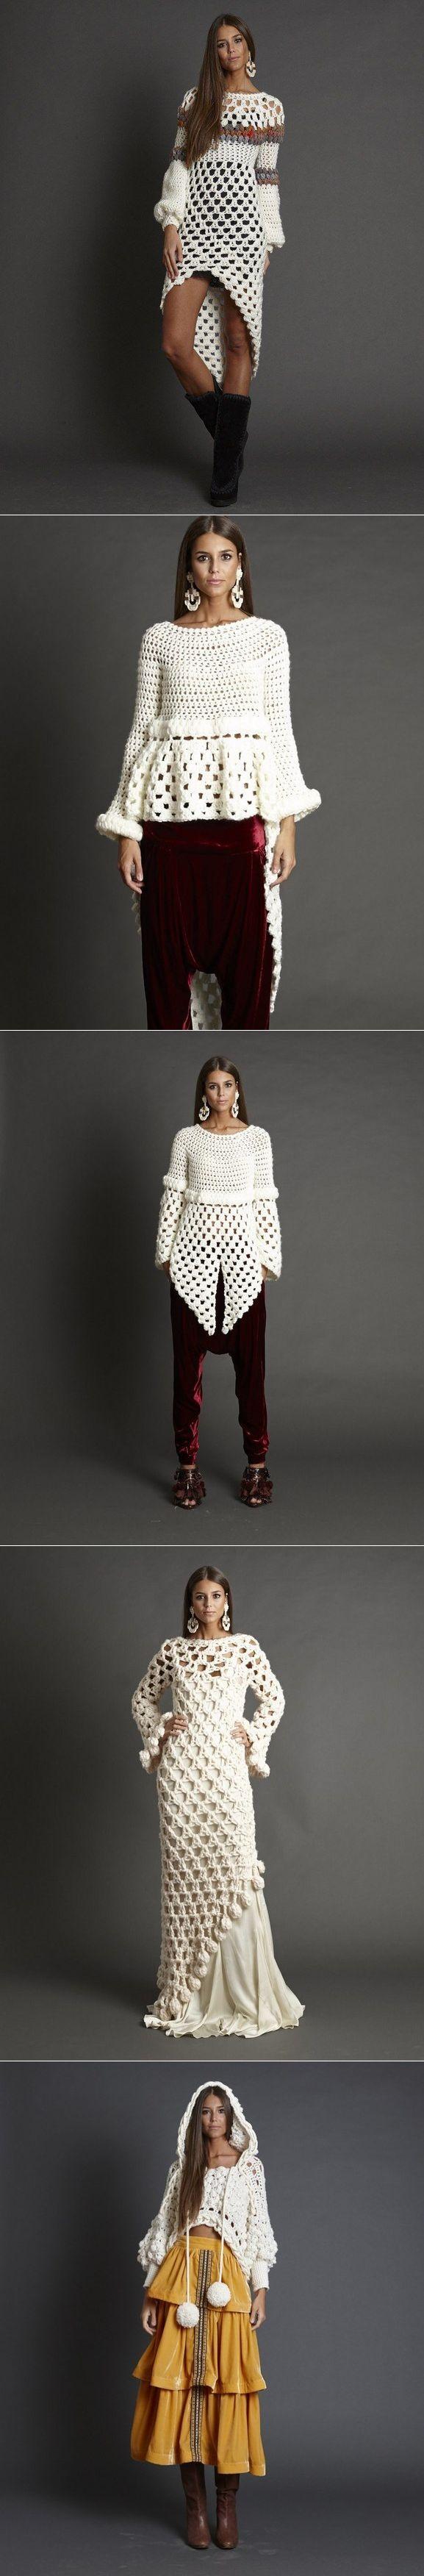 Испанский бренд одежды Zaitegui. Для вдохновения